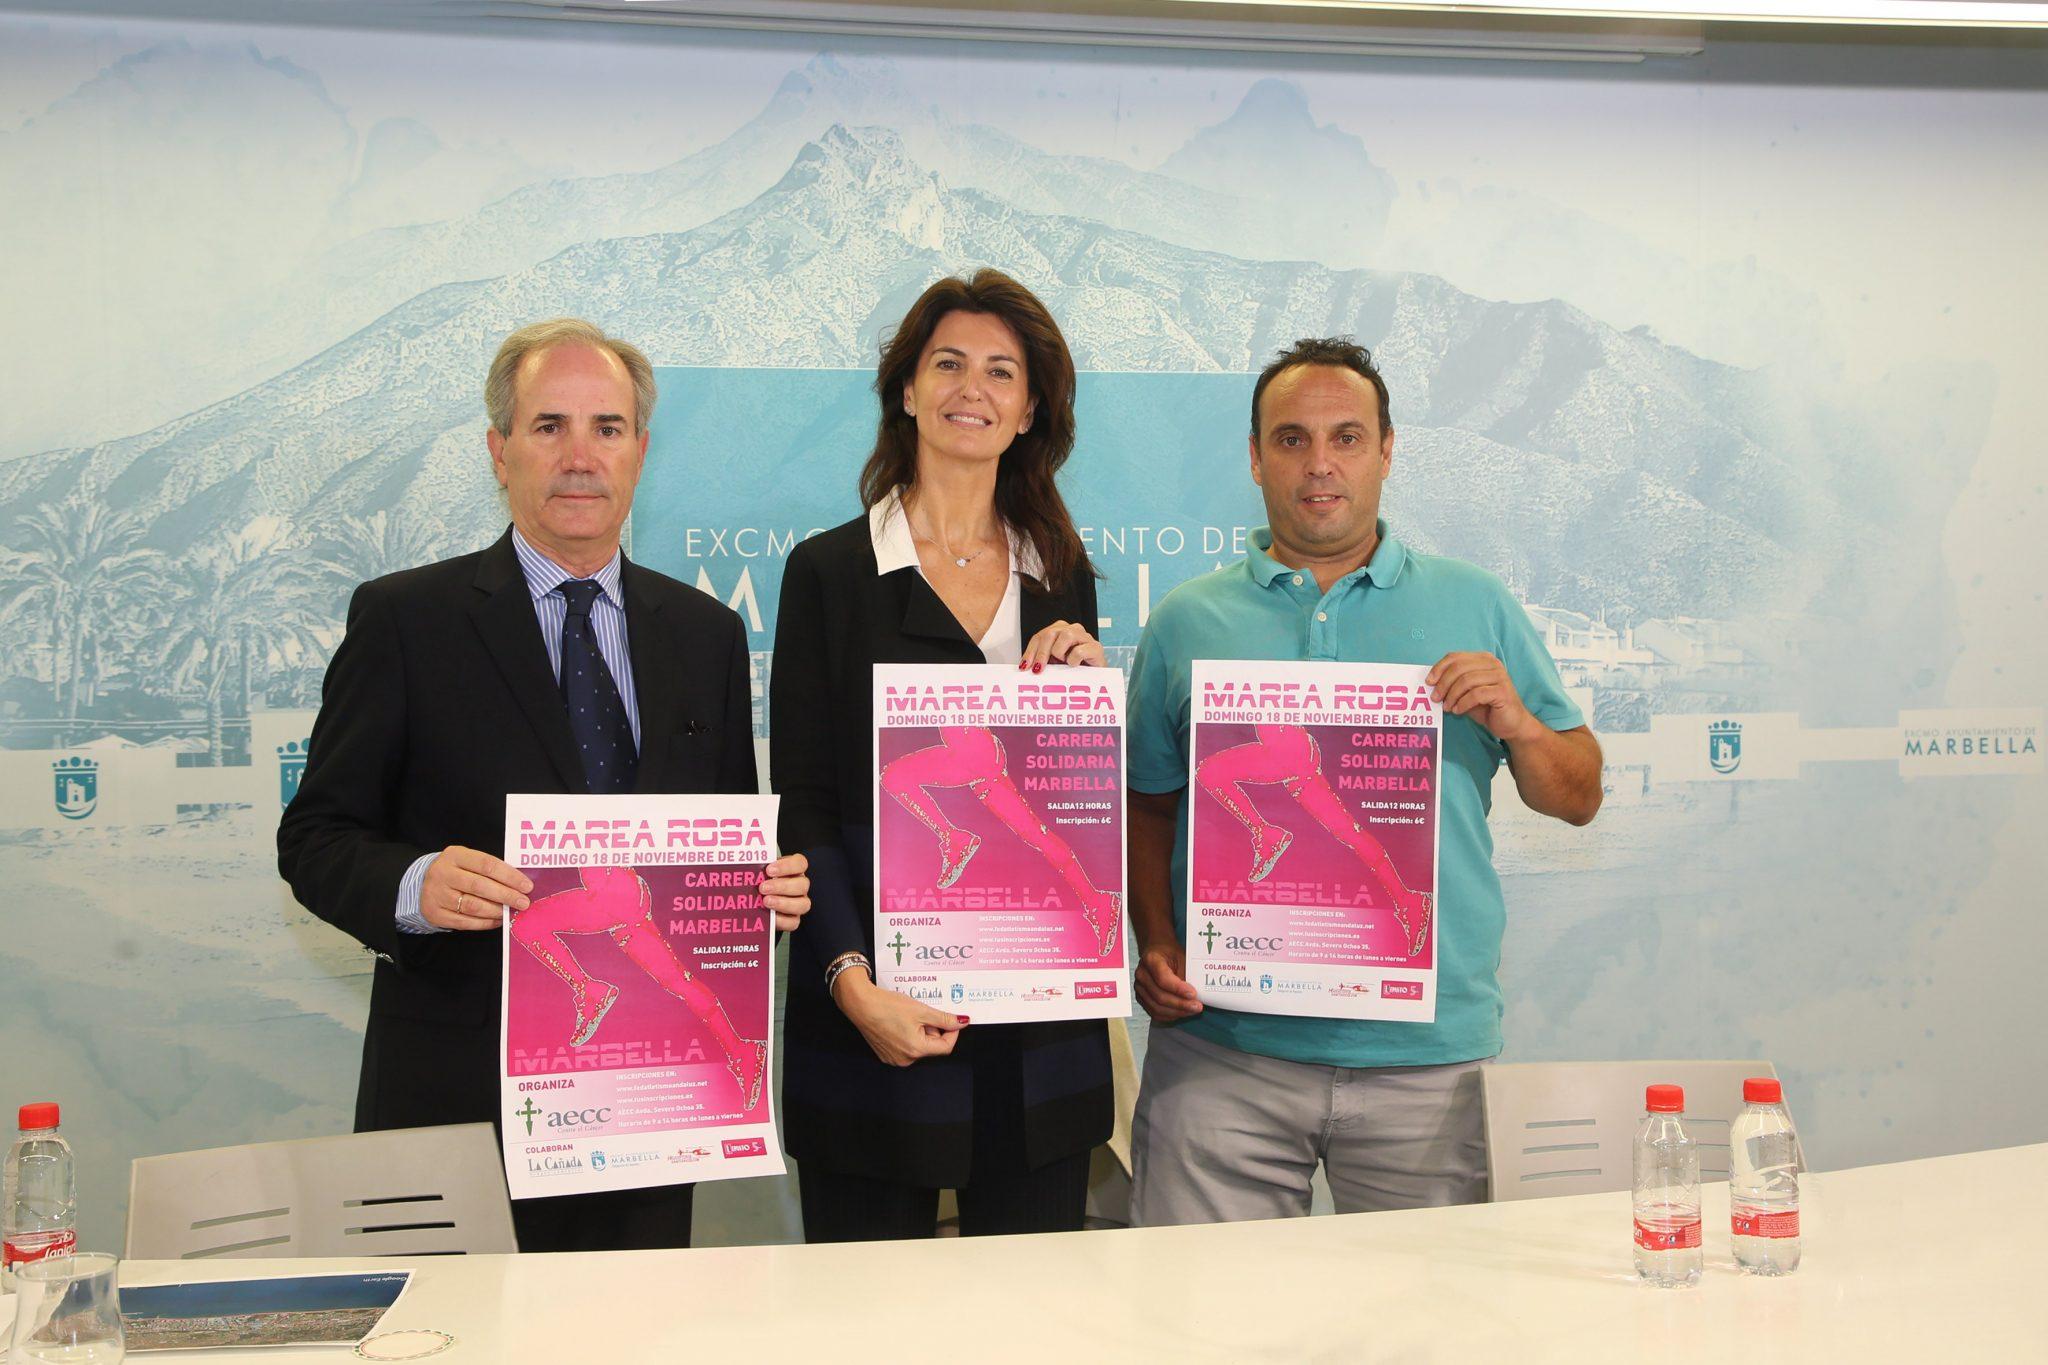 El centro de Marbella acogerá por primera vez la carrera solidaria a beneficio de la Asociación Española Contra el Cáncer